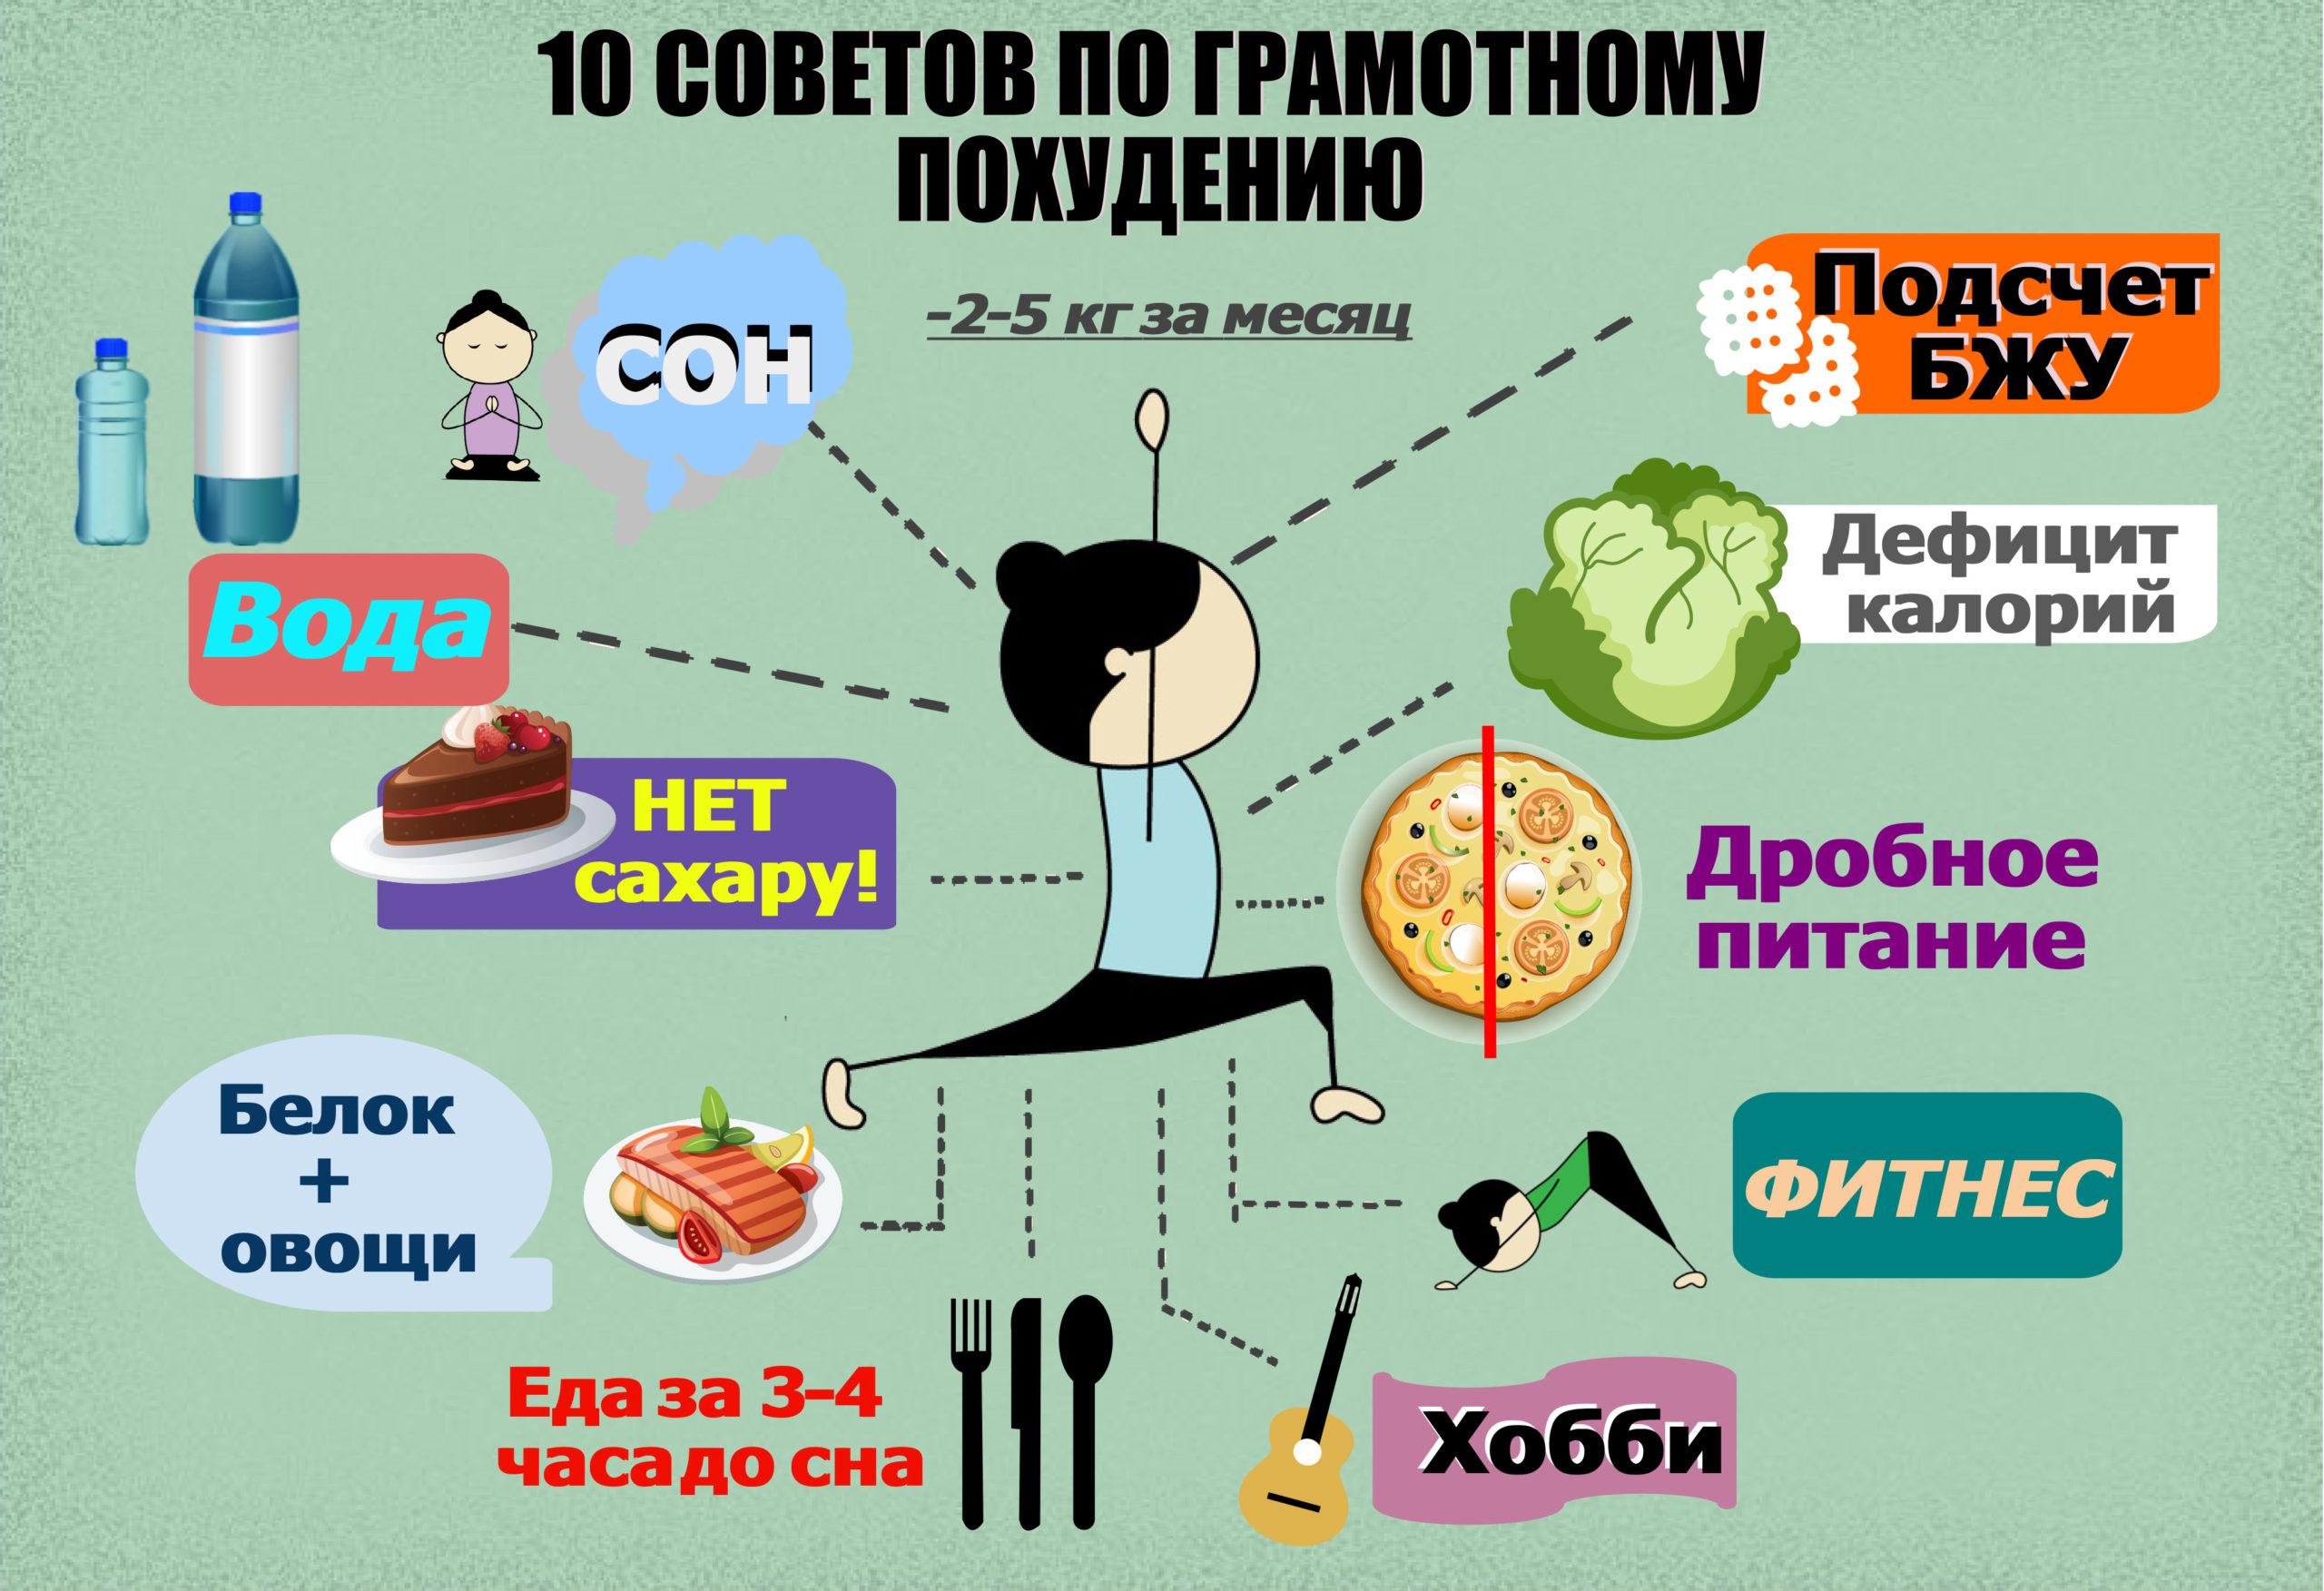 Самые Эффективные Правила Похудения. Золотые правила похудения, которые реально работают